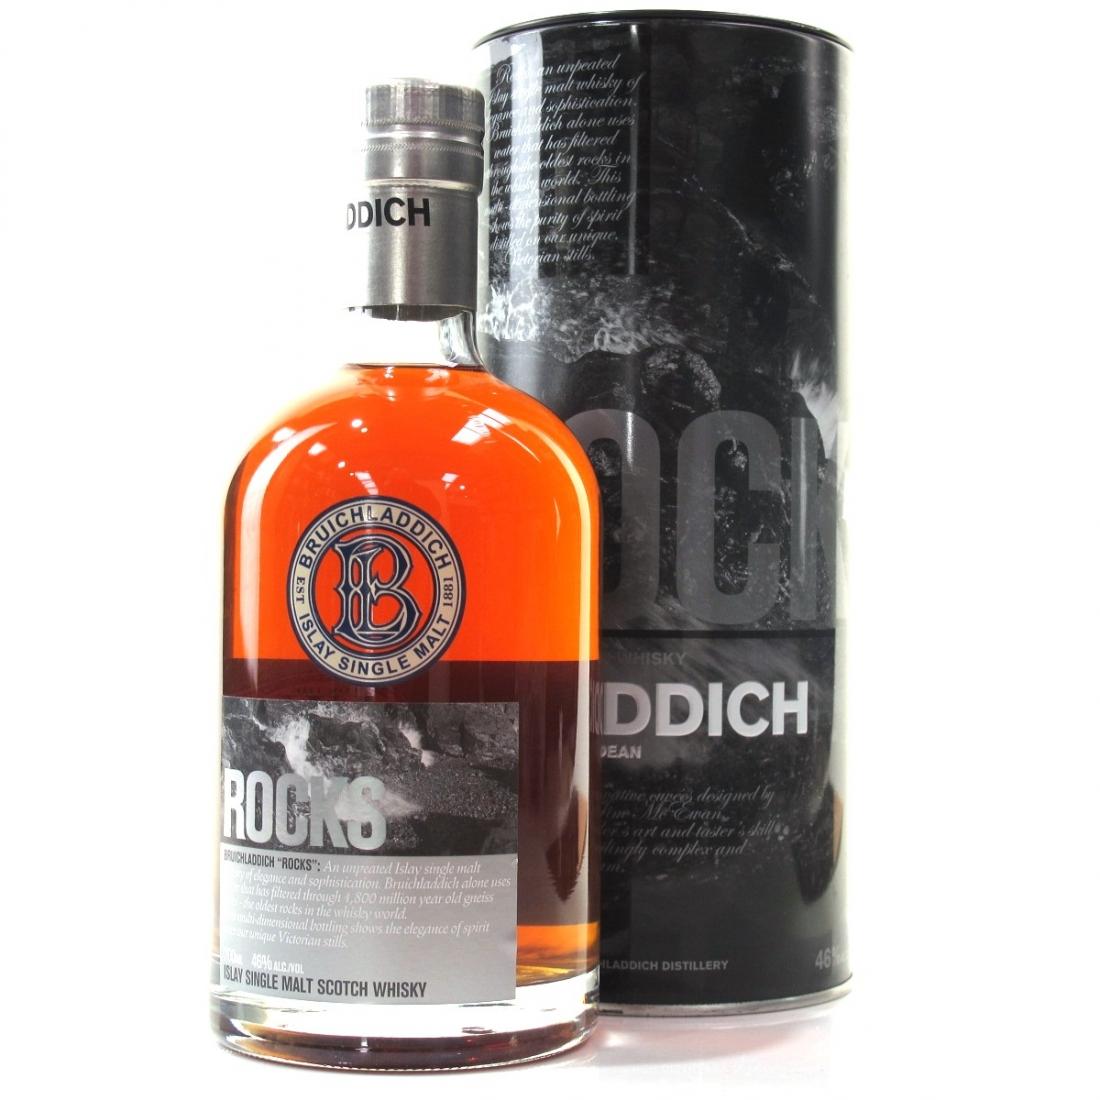 Bruichladdich Rocks 2nd Edition